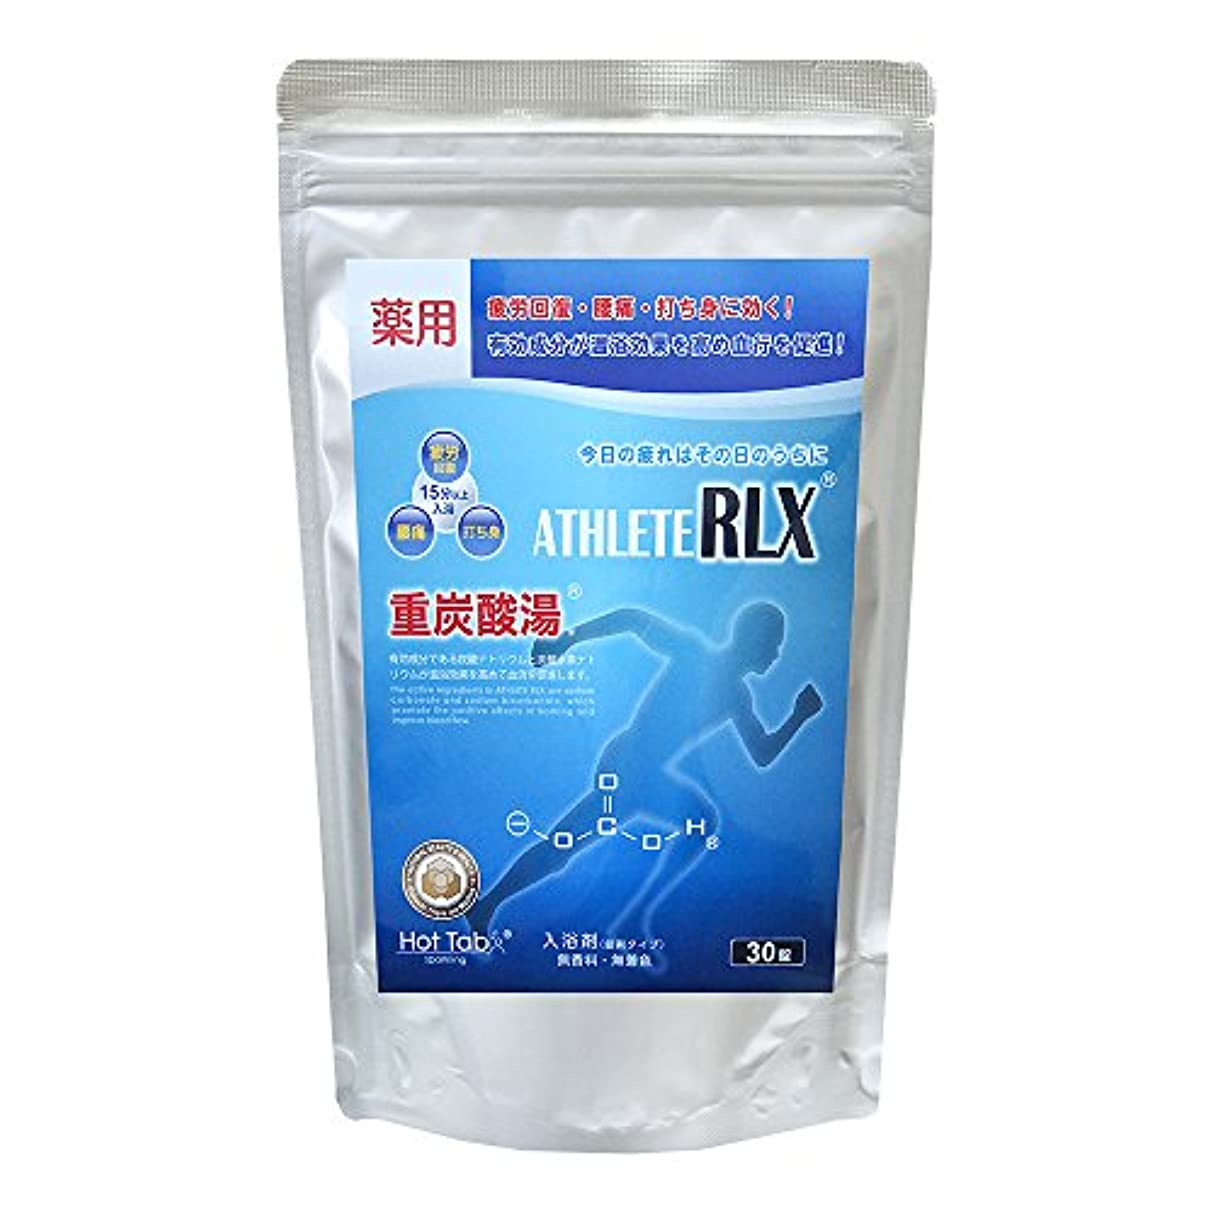 悪性年金レッスンホットアルバムコム ATHLETE RLX(アスリートRLX) 薬用 30錠入り